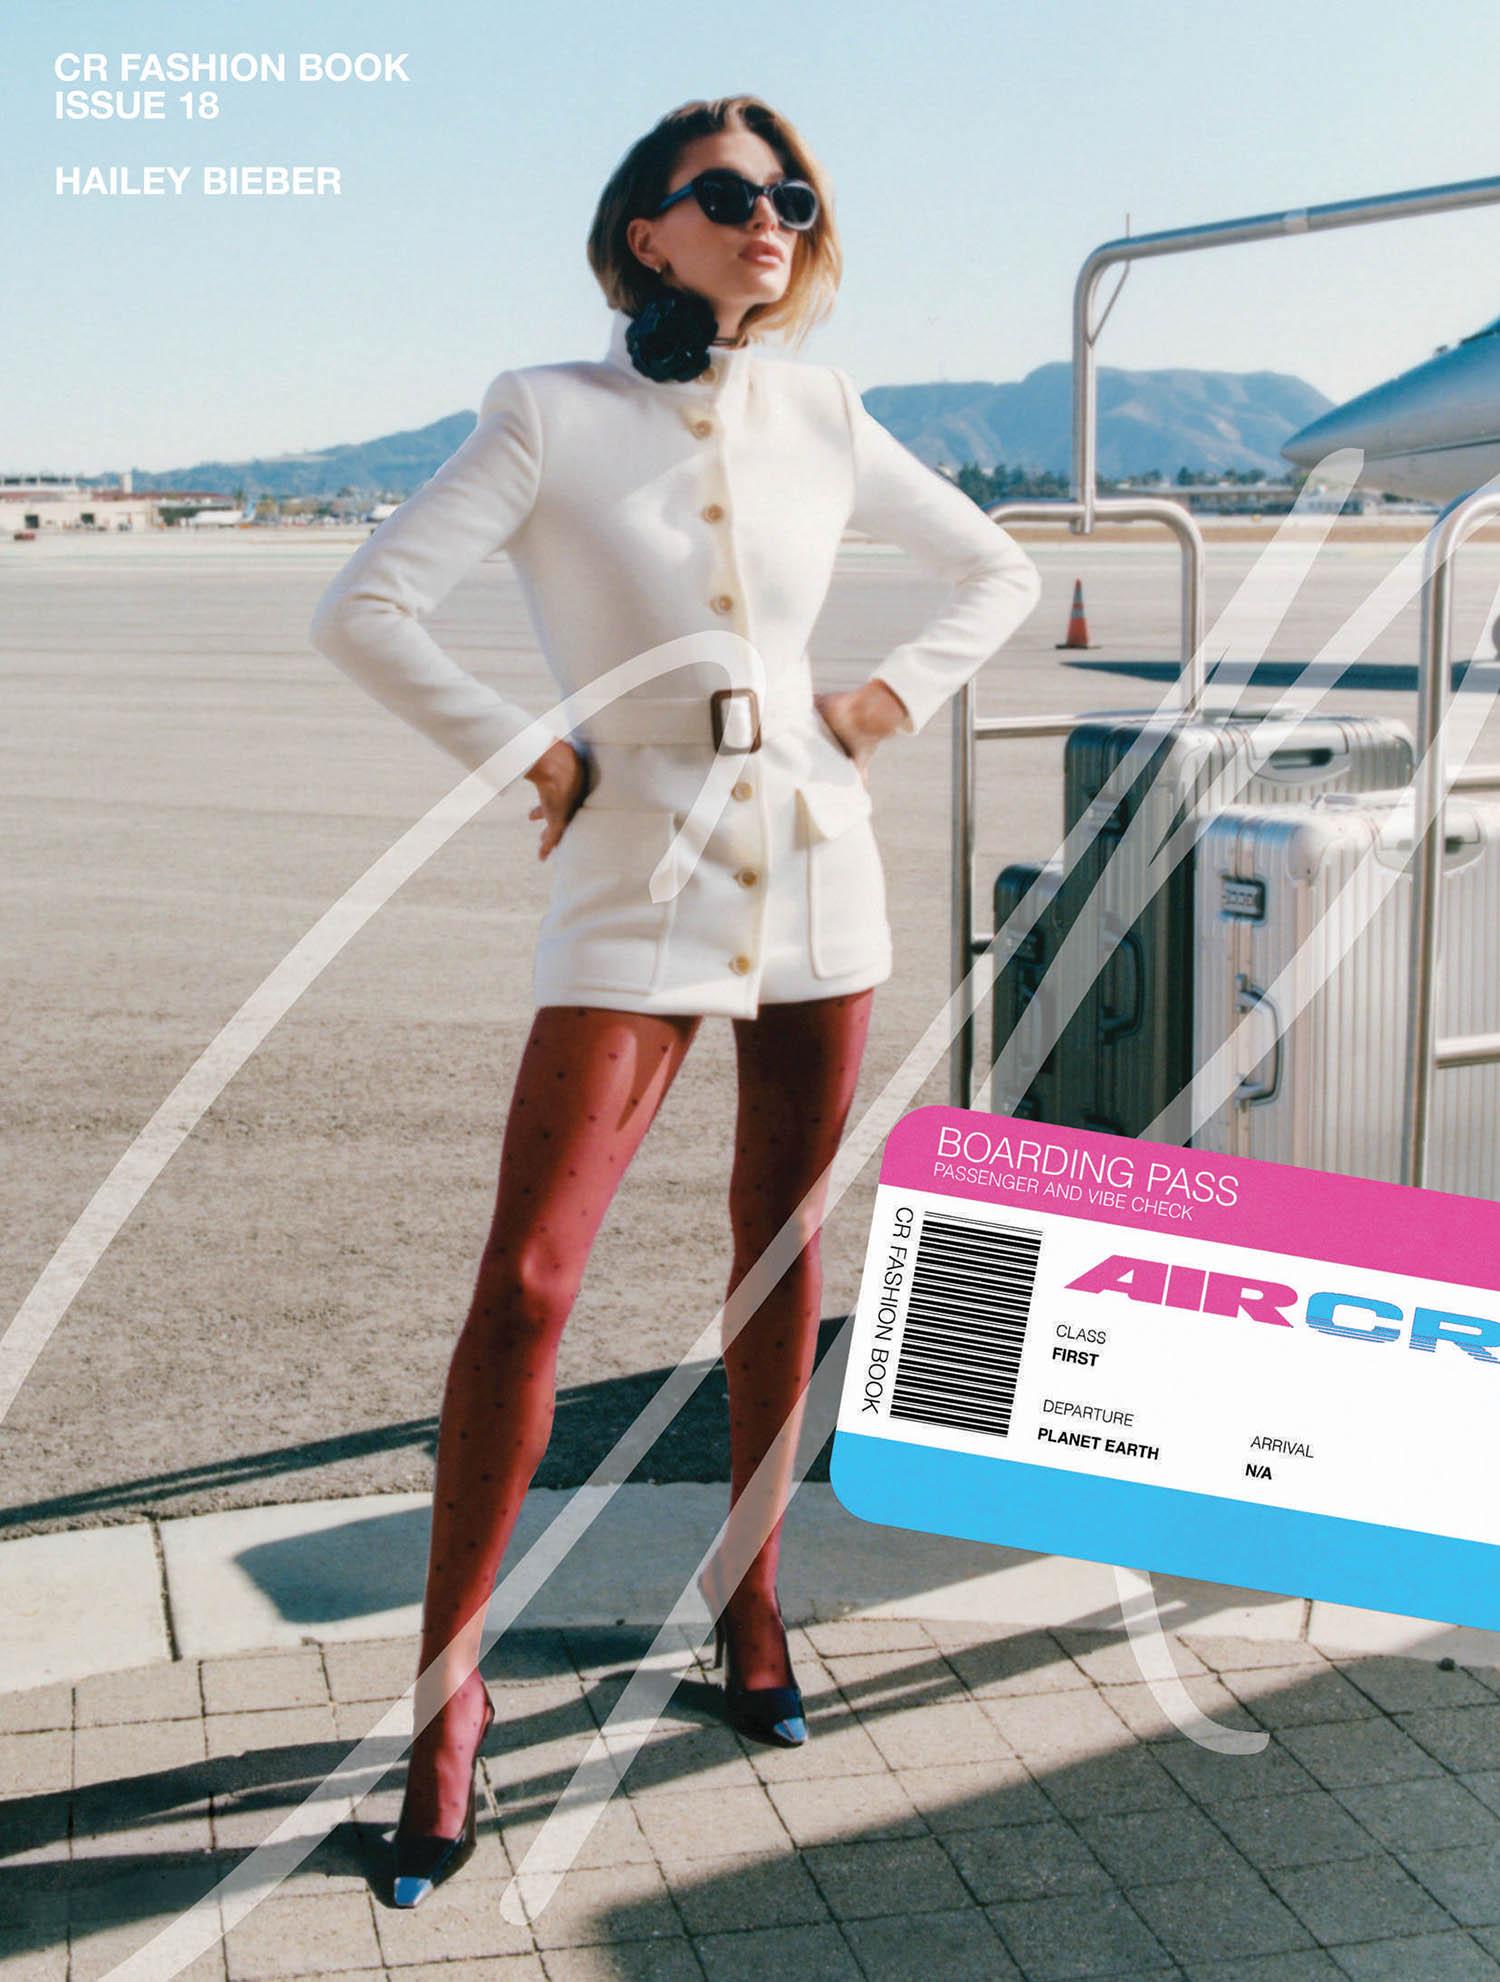 Hailey Bieber covers CR Fashion Book Issue 18 by Daniel Regan